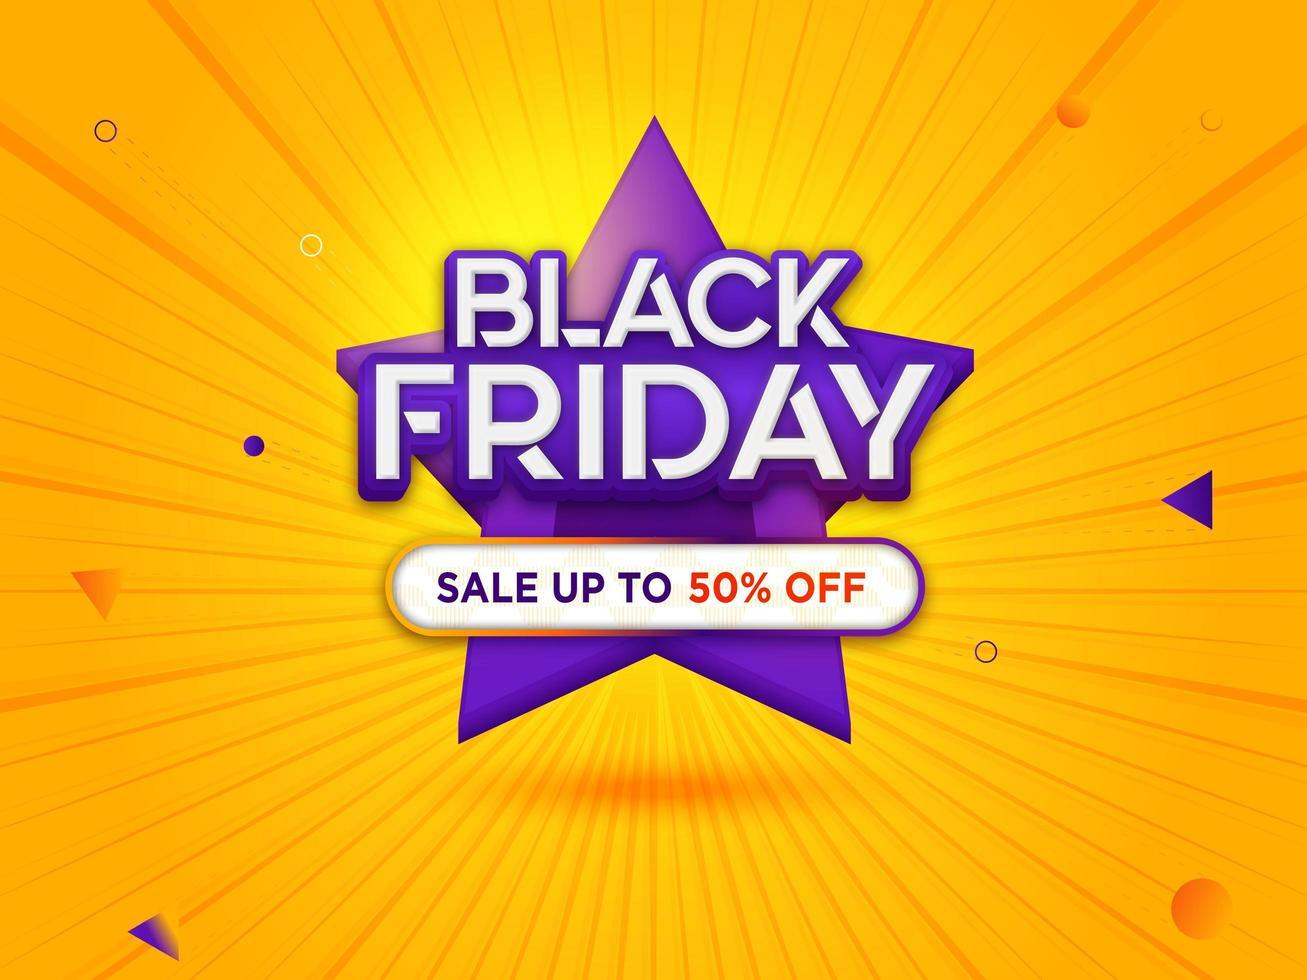 schwarzer Freitag Verkauf mit modernem Hintergrund vektor